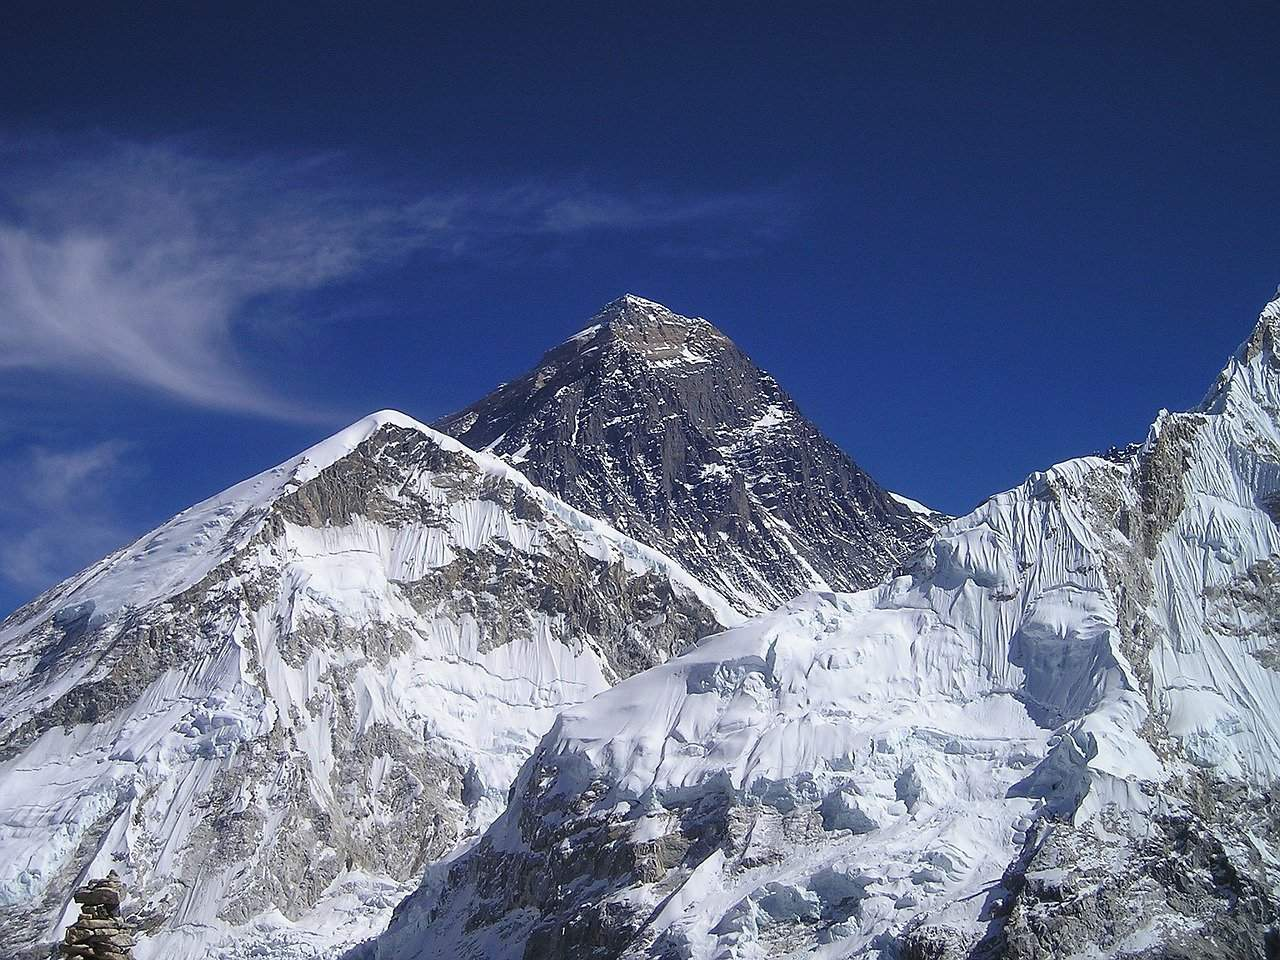 mount everest, kathmandu facts